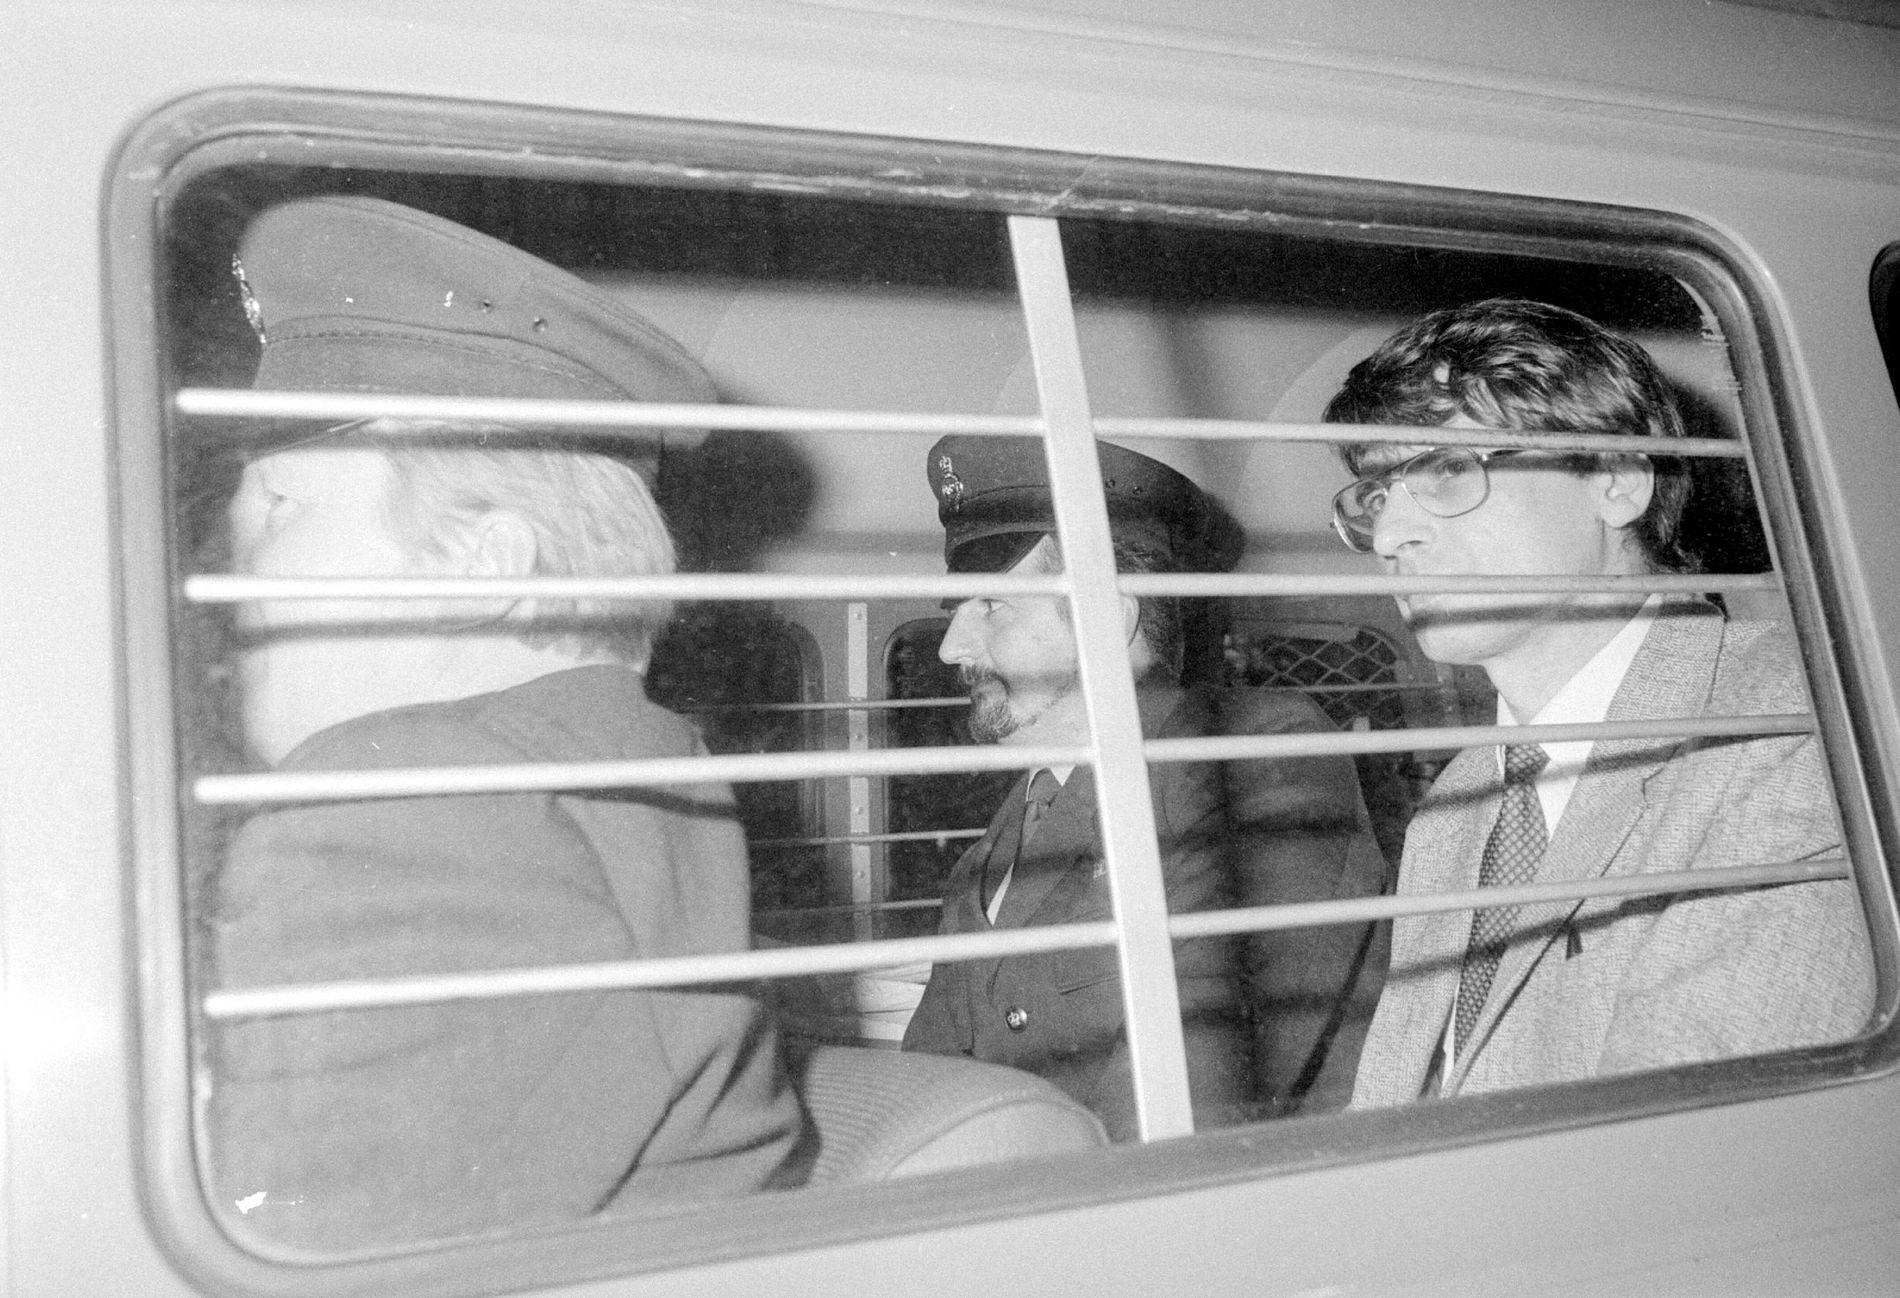 BERYKTET: Her er Dennis Nilsen (til høyre) på vei bort fra rettslokalene etter at han ble dømt til 25 års fengsel i 1983.